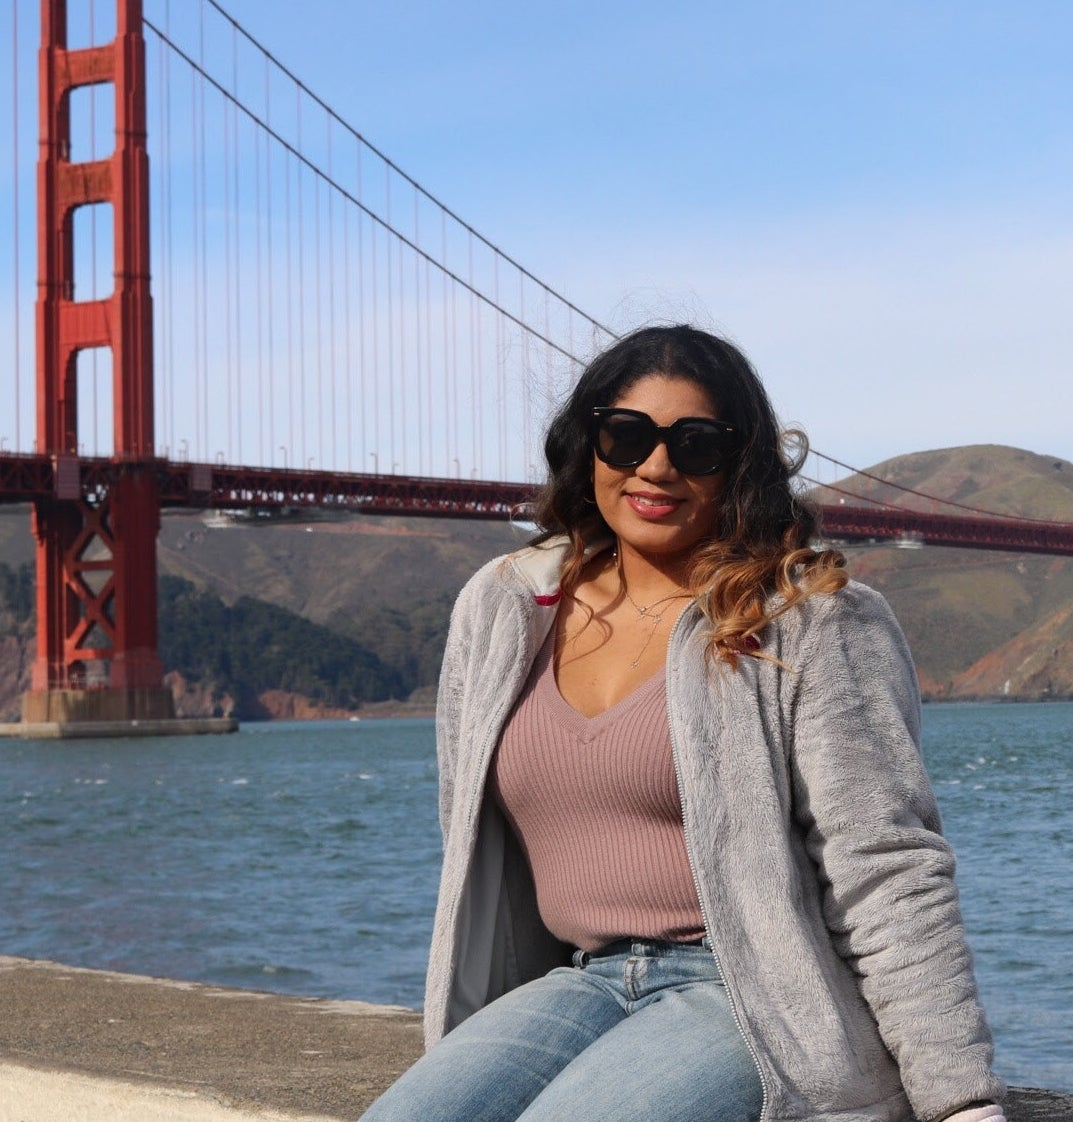 jasmin in front of the golden gate bridge